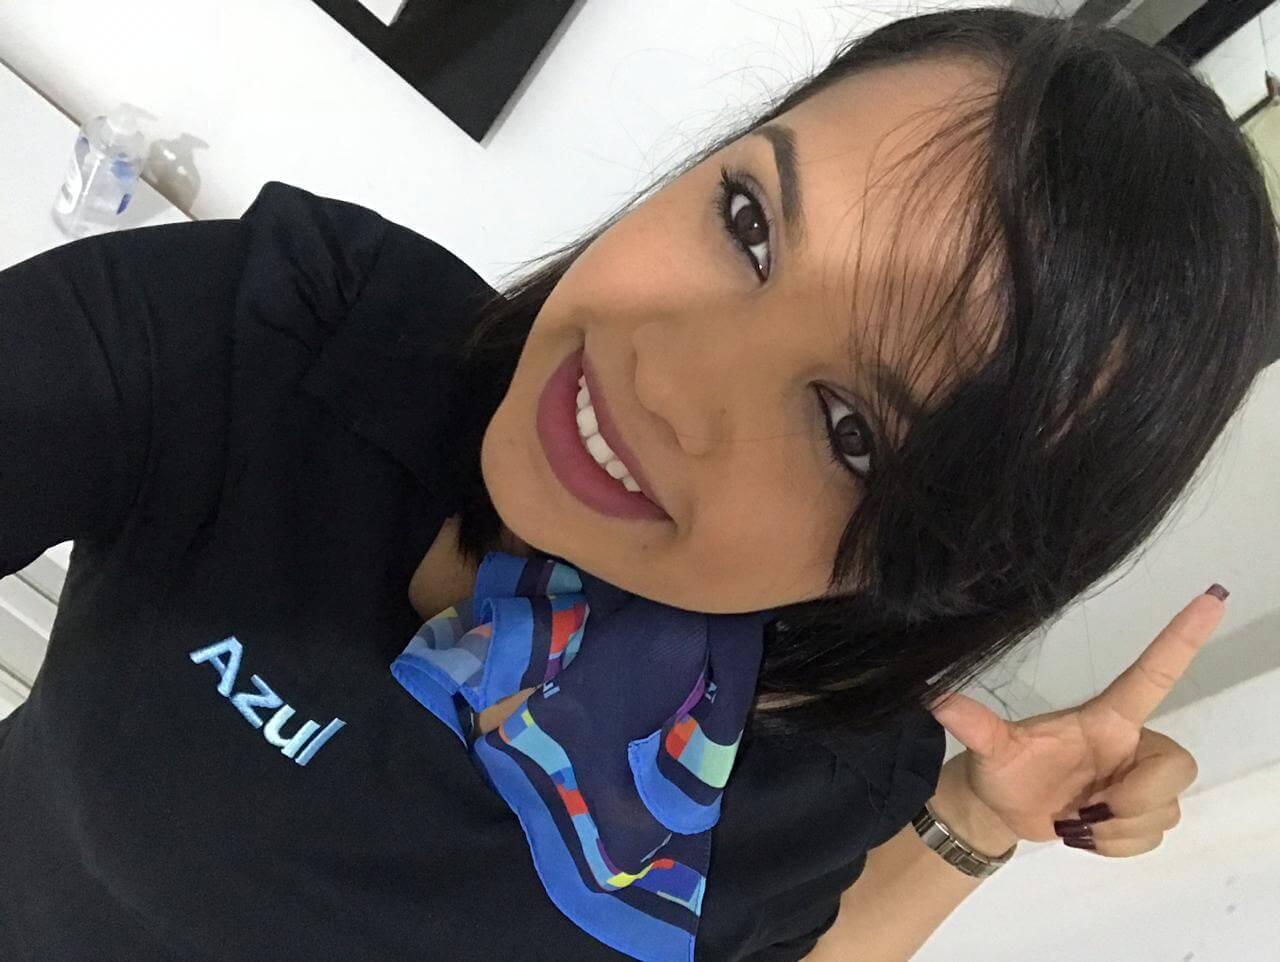 A agente de aeroporto da empresa Azul Linhas Aéreas em Salvador, Juliete dos Santos, é delegada sindical eleita pelo Sindicato Nacional dos Aeroviários e exemplo de que as mulheres vêem se destacando no movimento sindical.